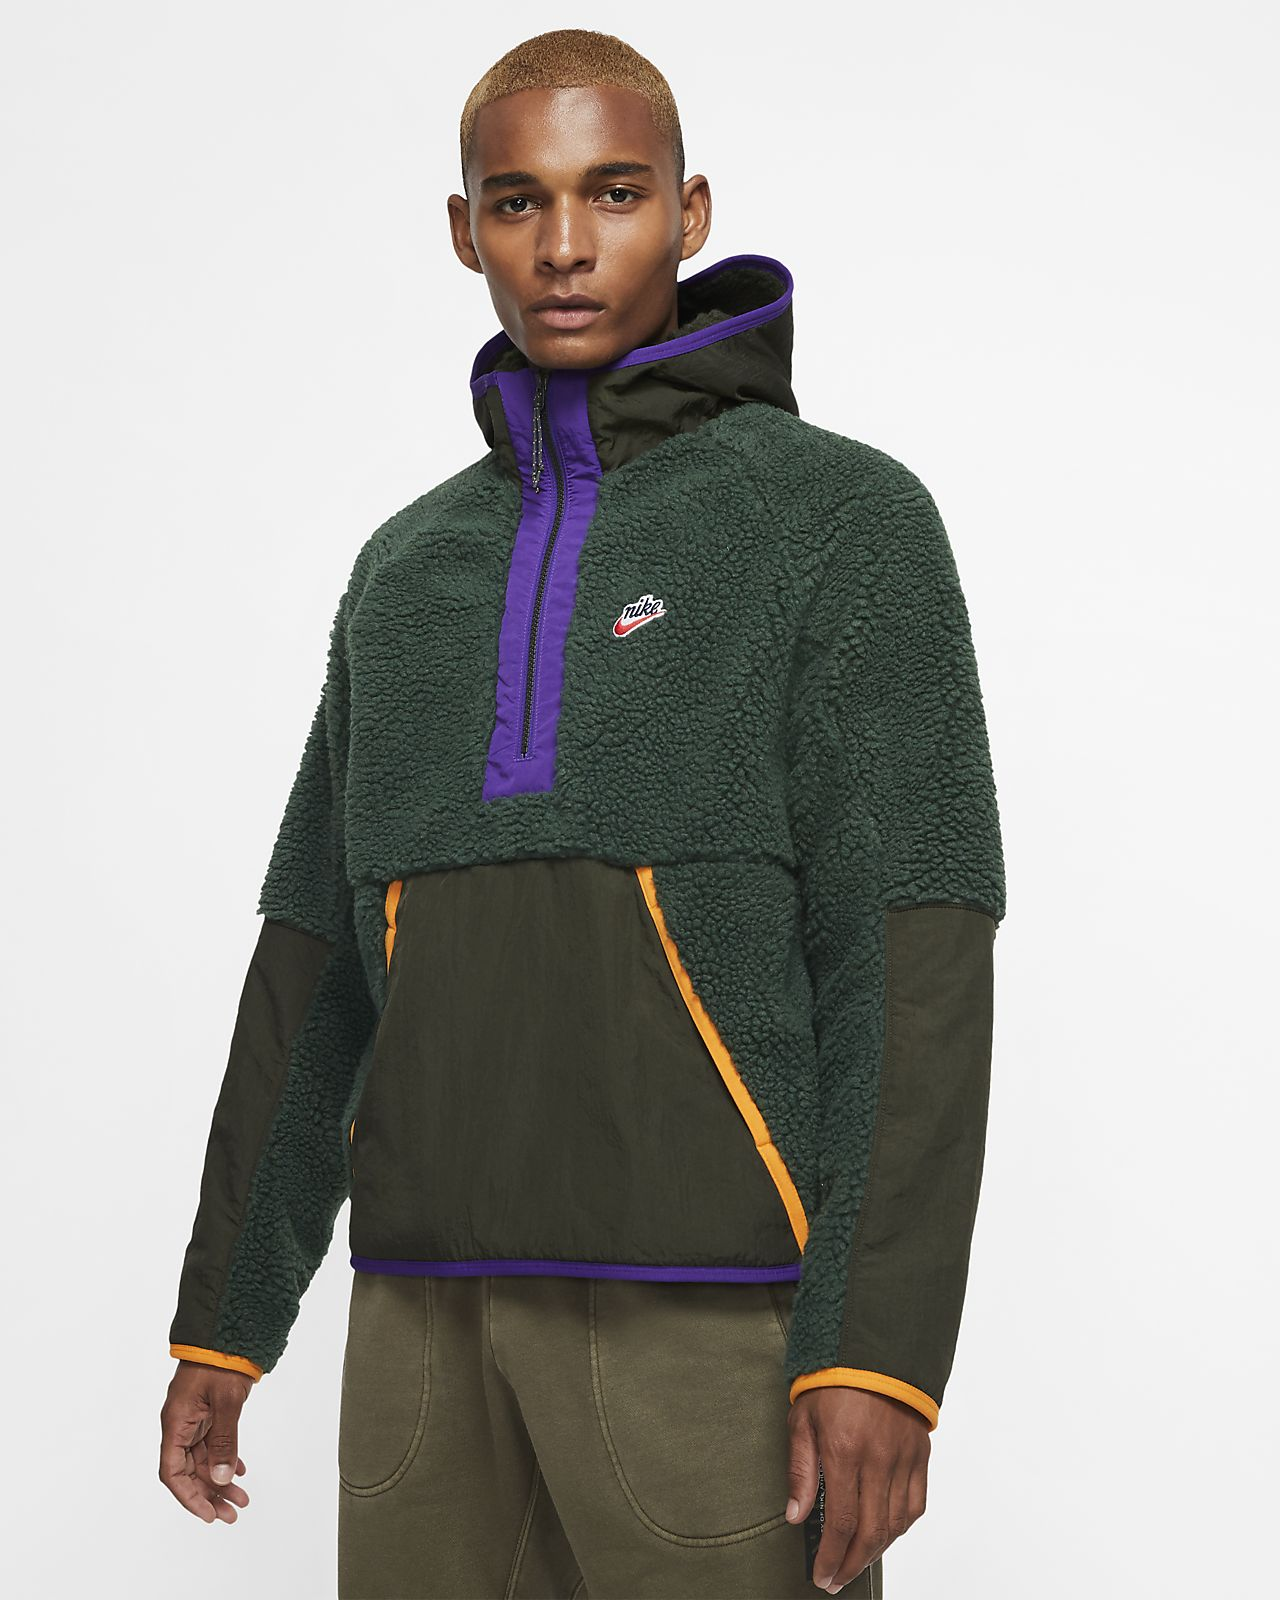 Mikina Nike Sportswear s umělým beránkem, kapucí a polovičním zipem